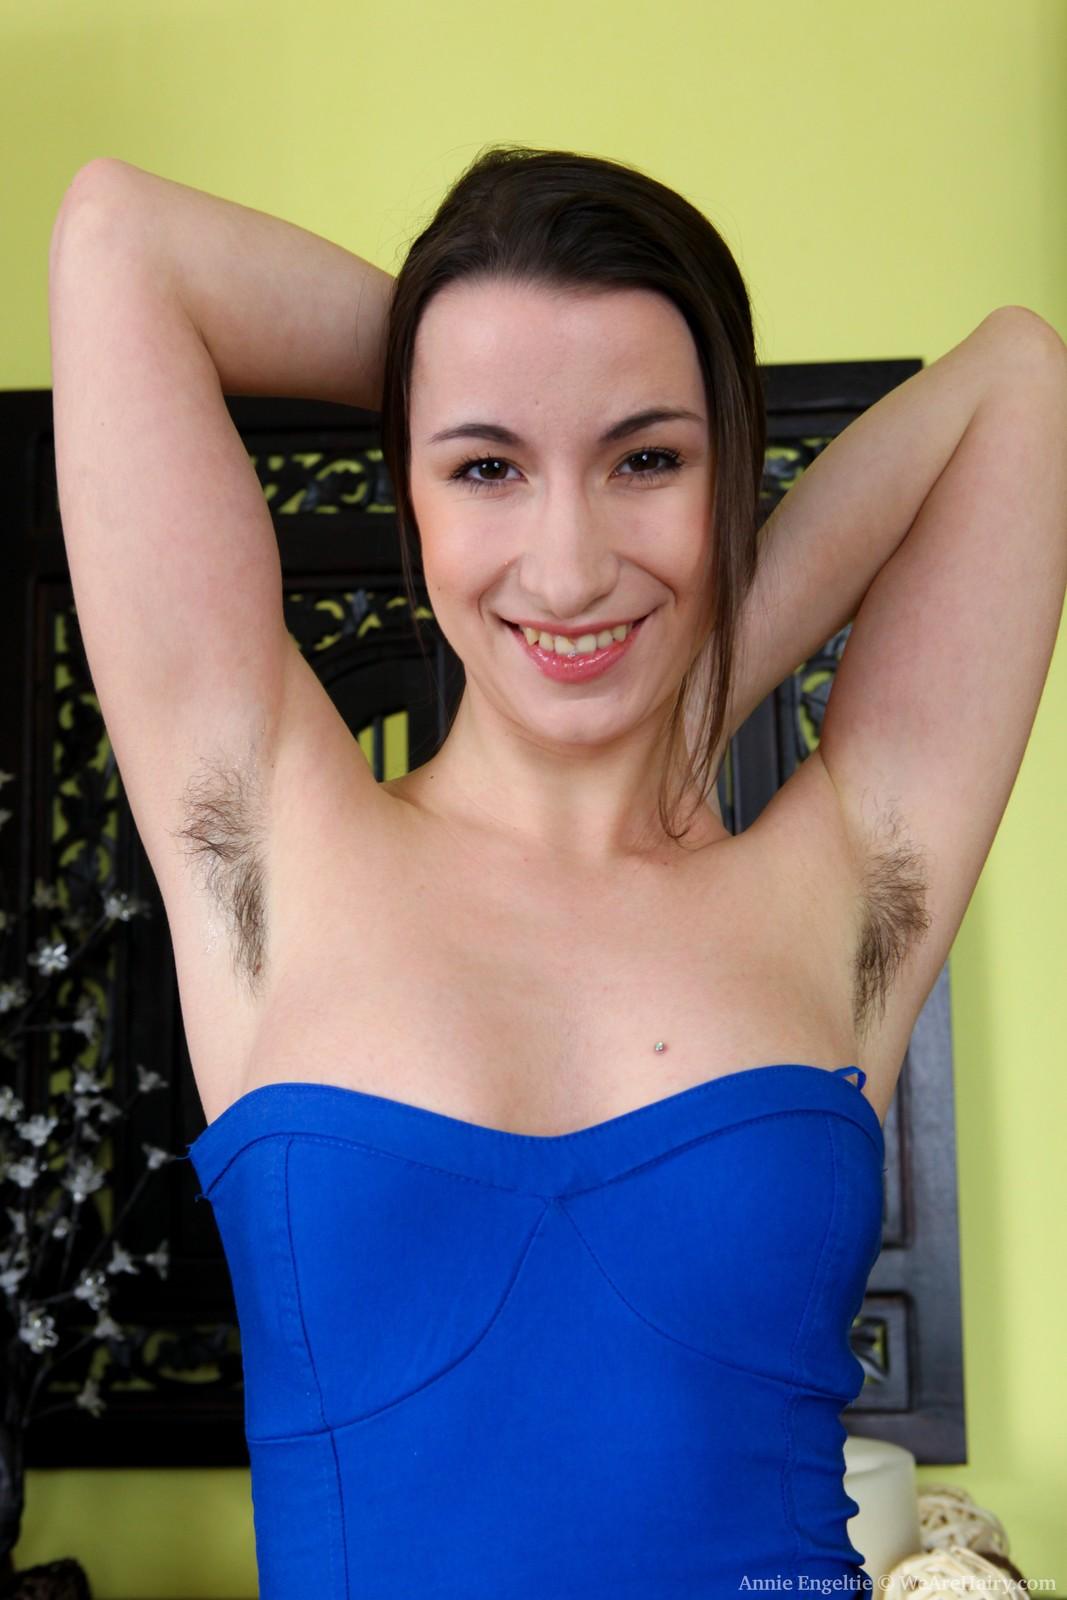 Annie Engletie Hairy Pits